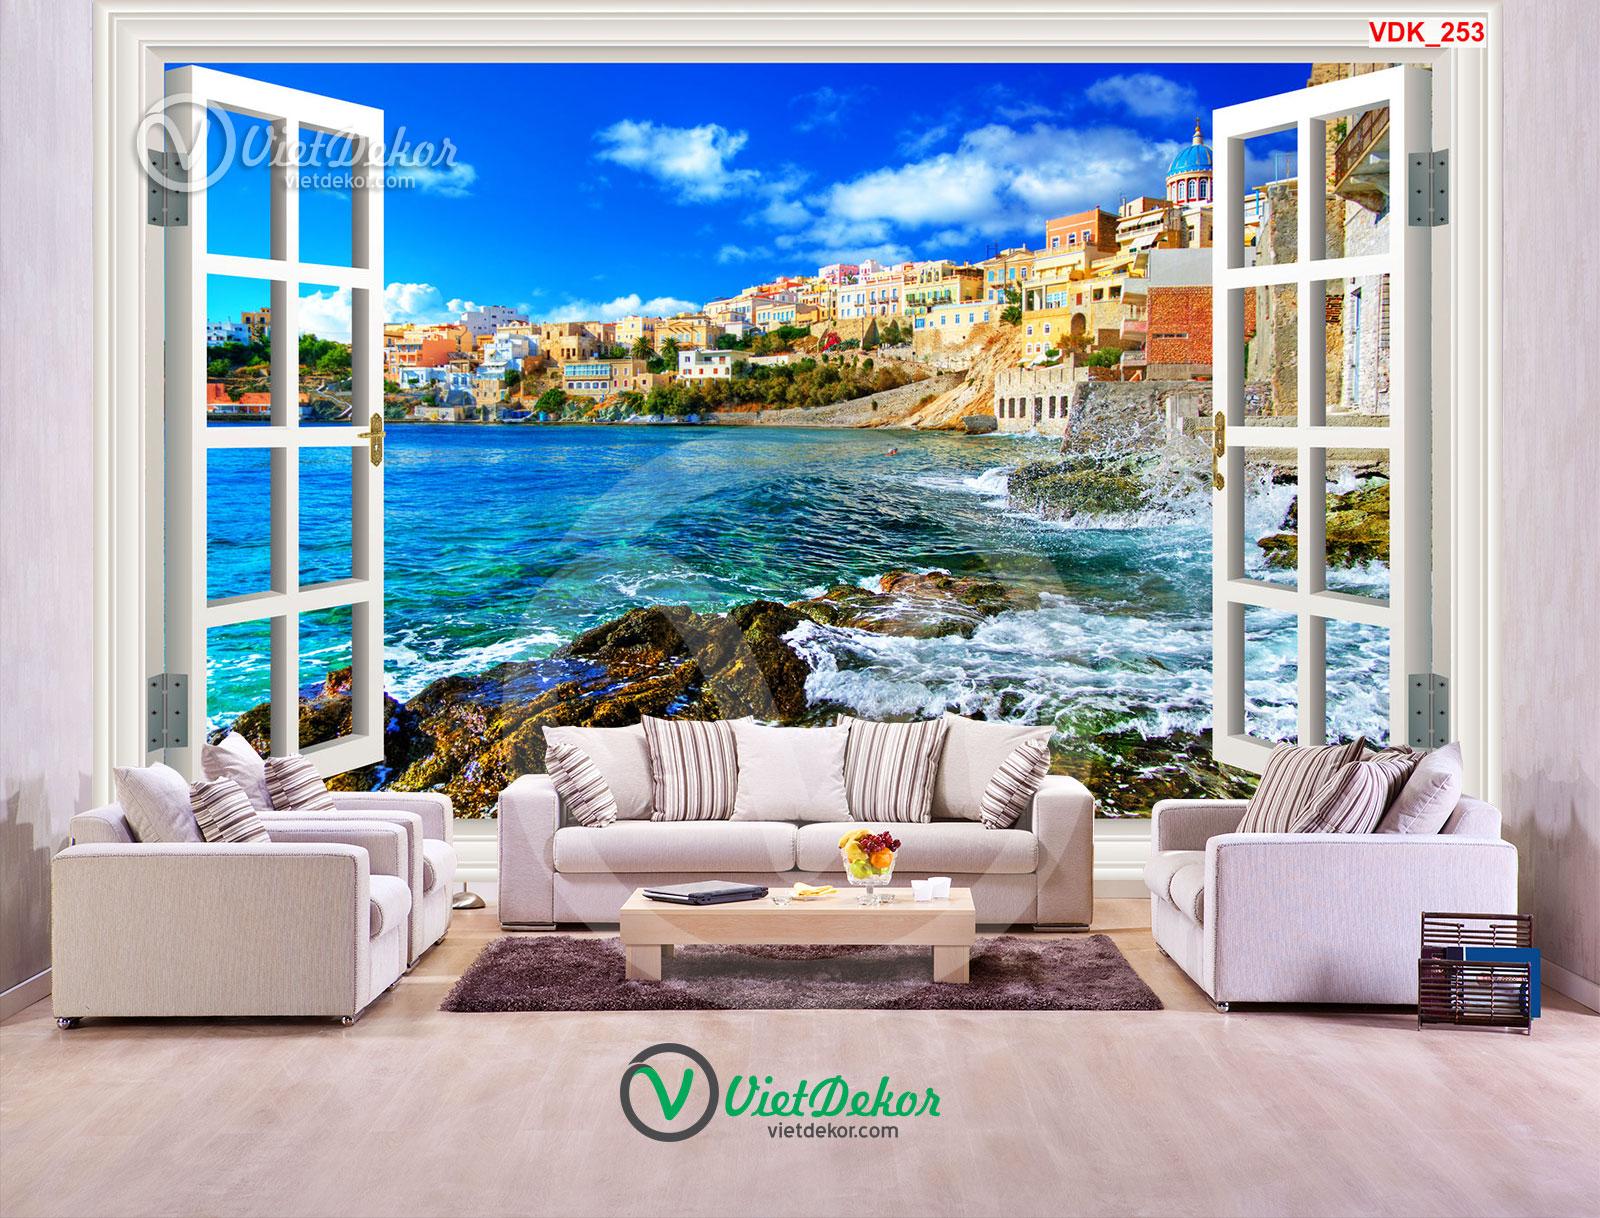 Tranh 3d dán tường cửa sổ phong cảnh bãi biển